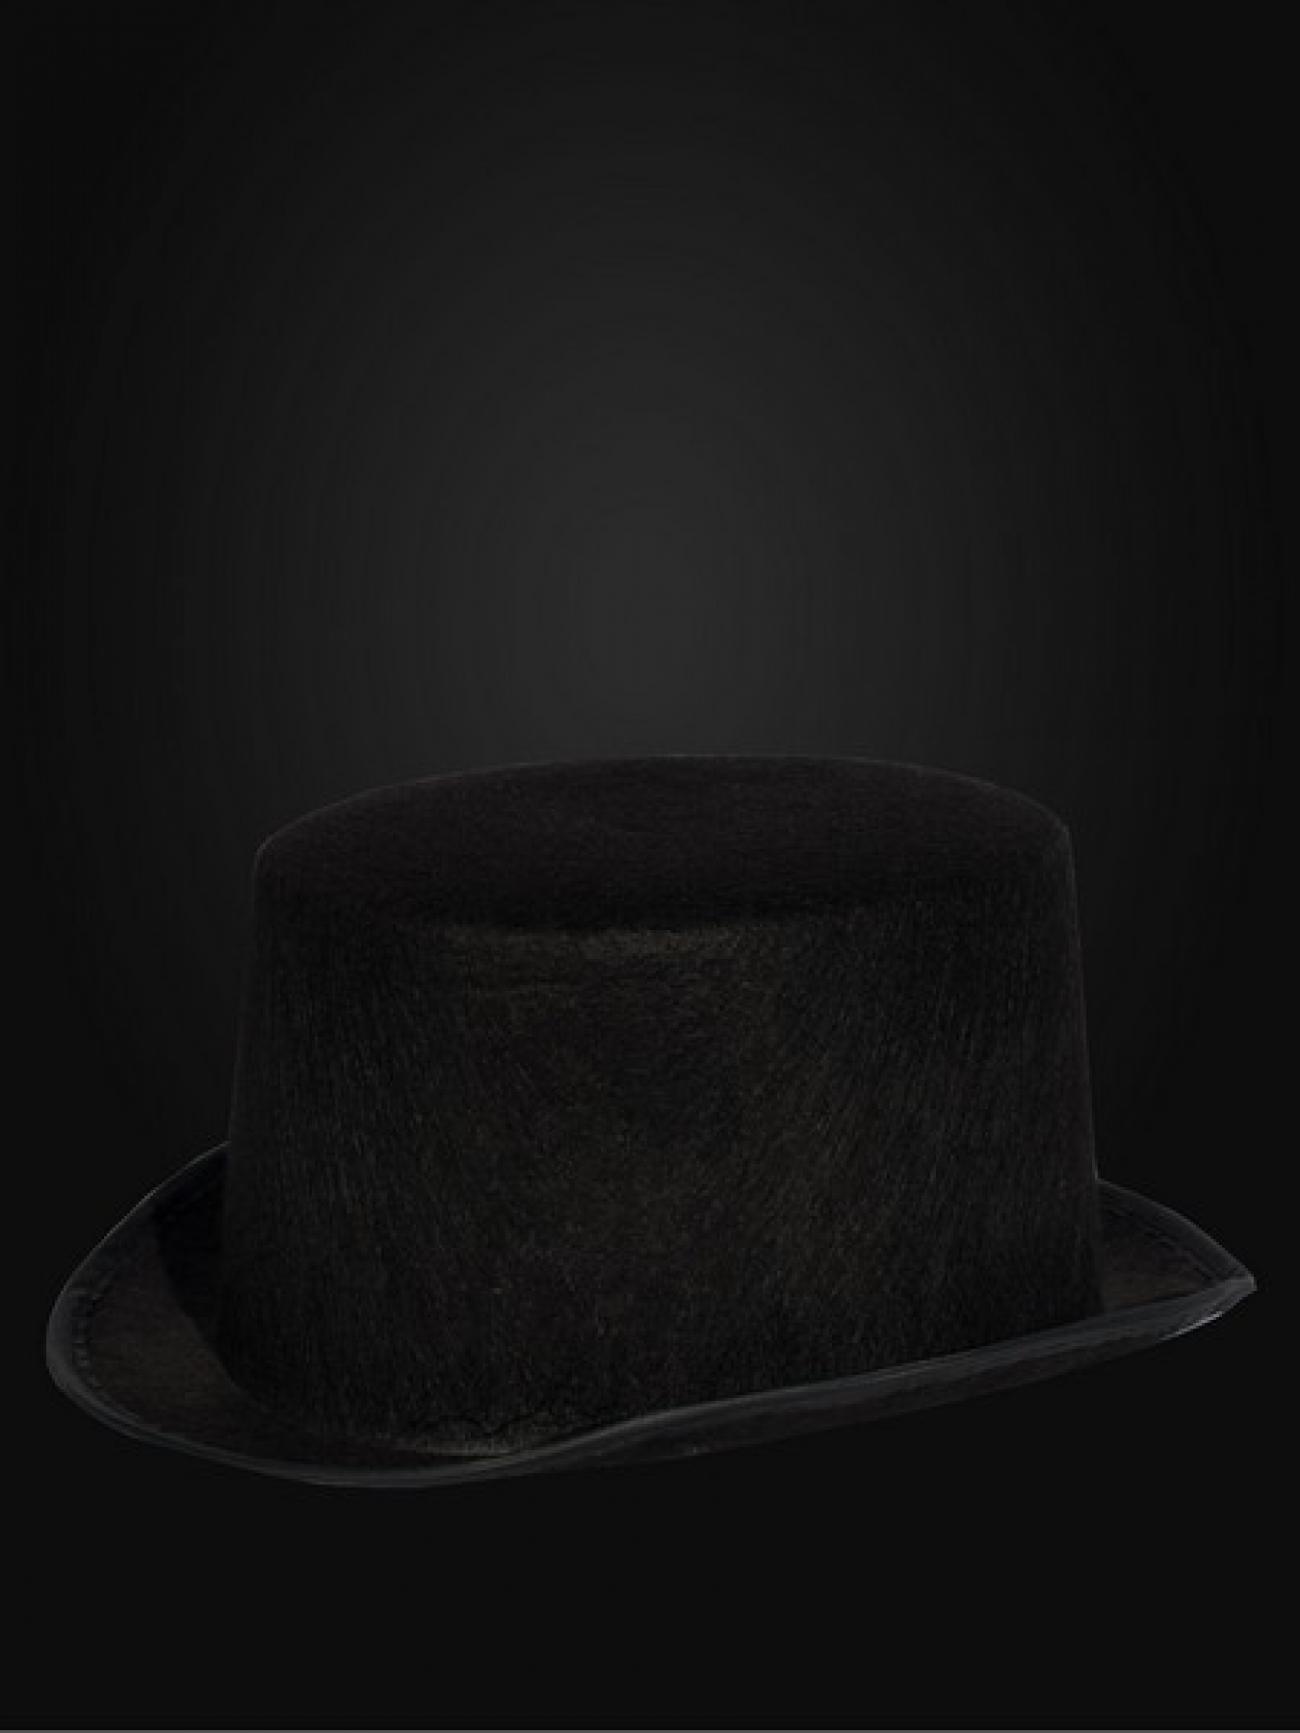 Черные шляпы